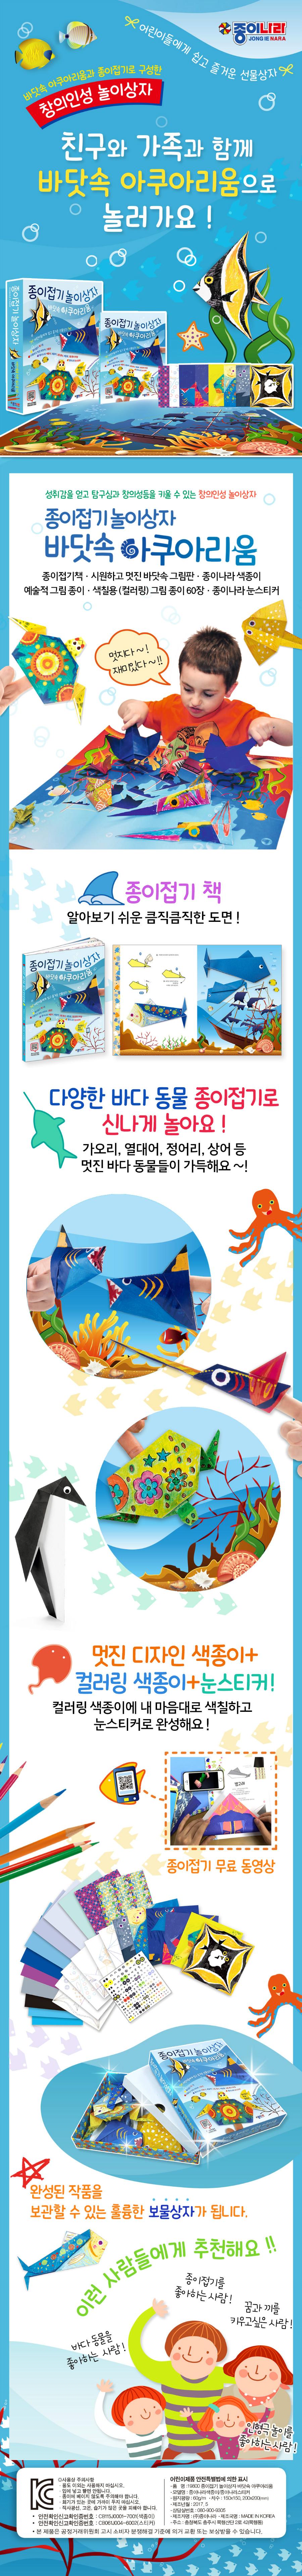 01.보도(교보)_놀이상자(아쿠아)_3.jpg